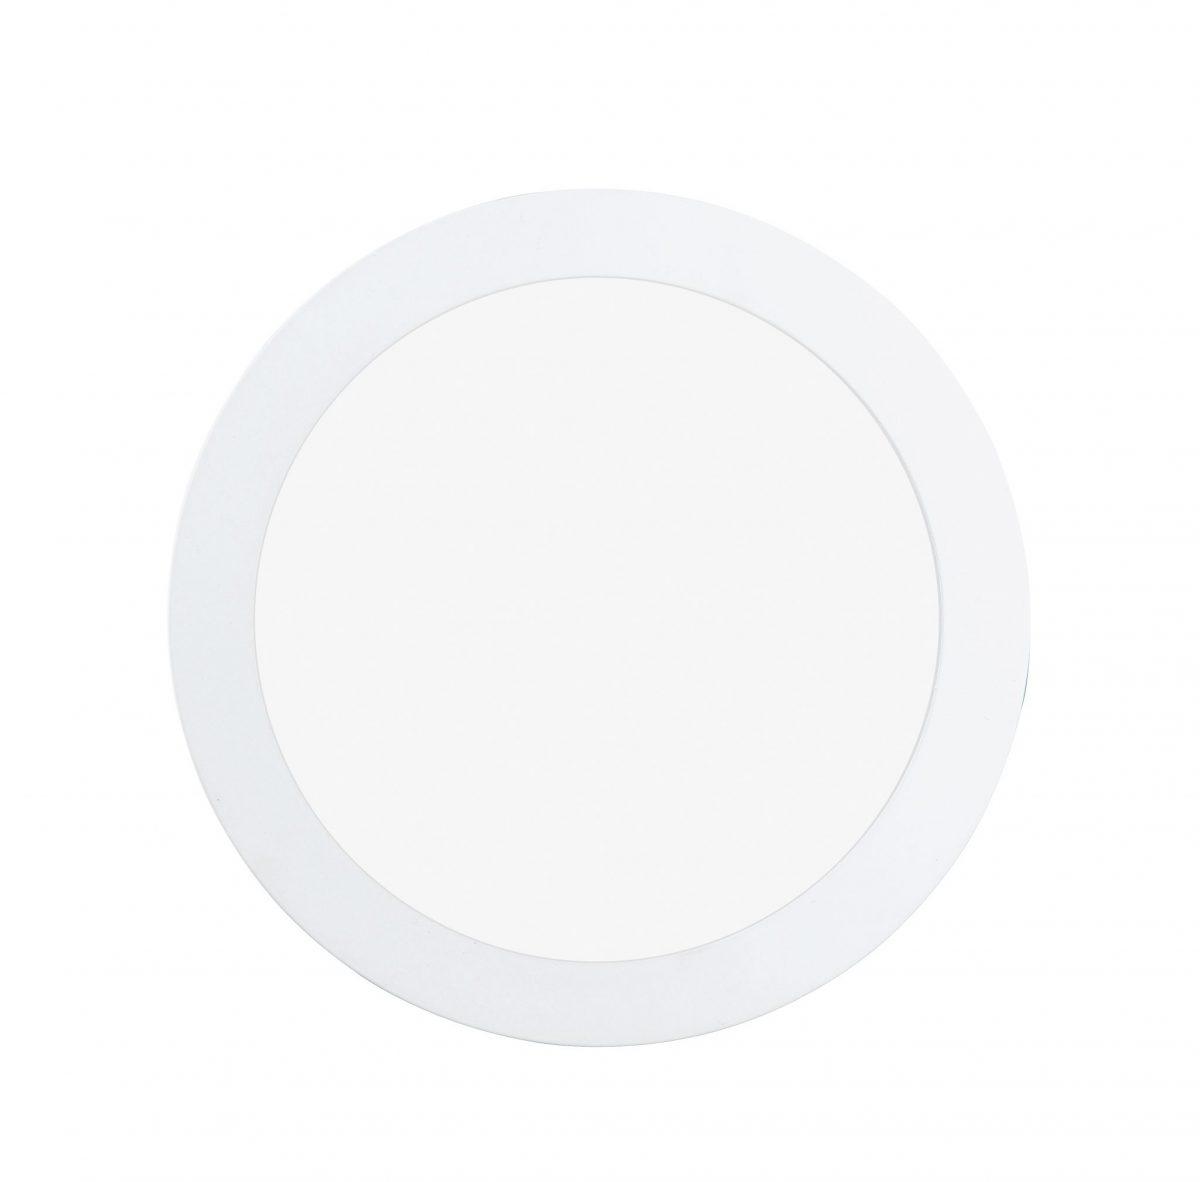 Светильник настенно-потолочный FUEVA 1 EGLO 94055 - Фото №28